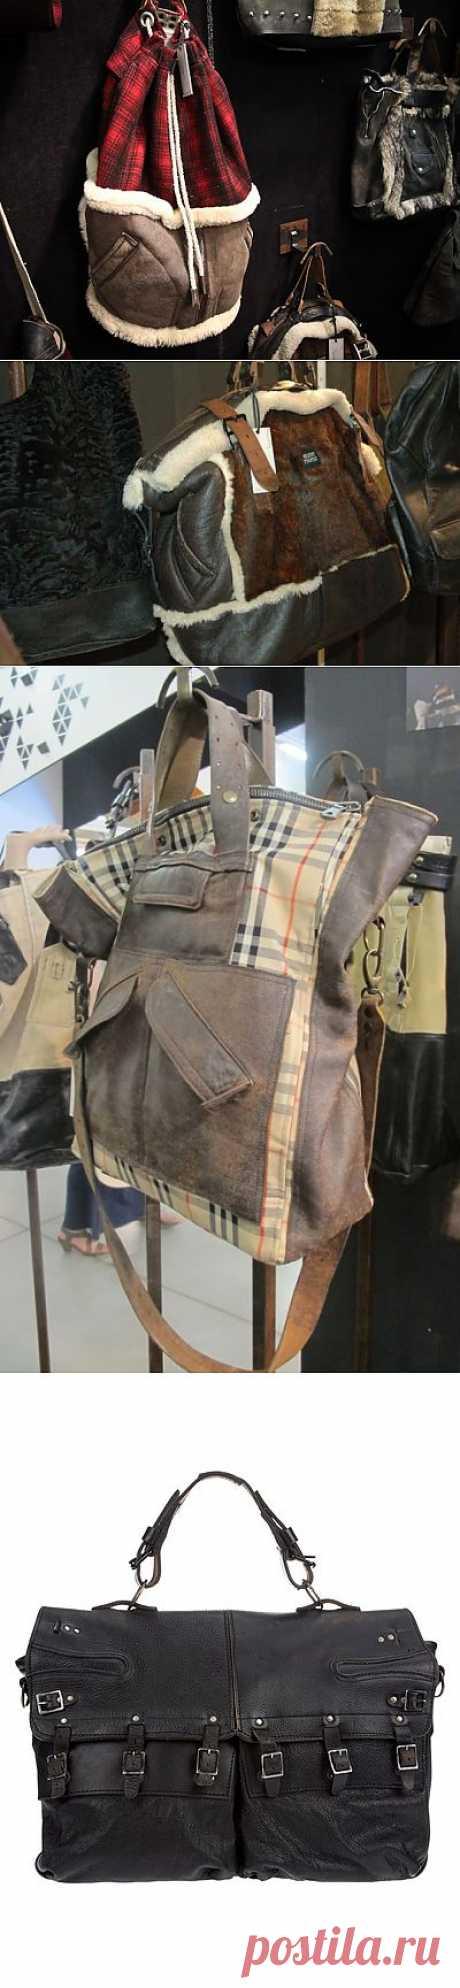 Silent People - кастомайзинг курток и плащей в сумки / Переработка одежды / ВТОРАЯ УЛИЦА